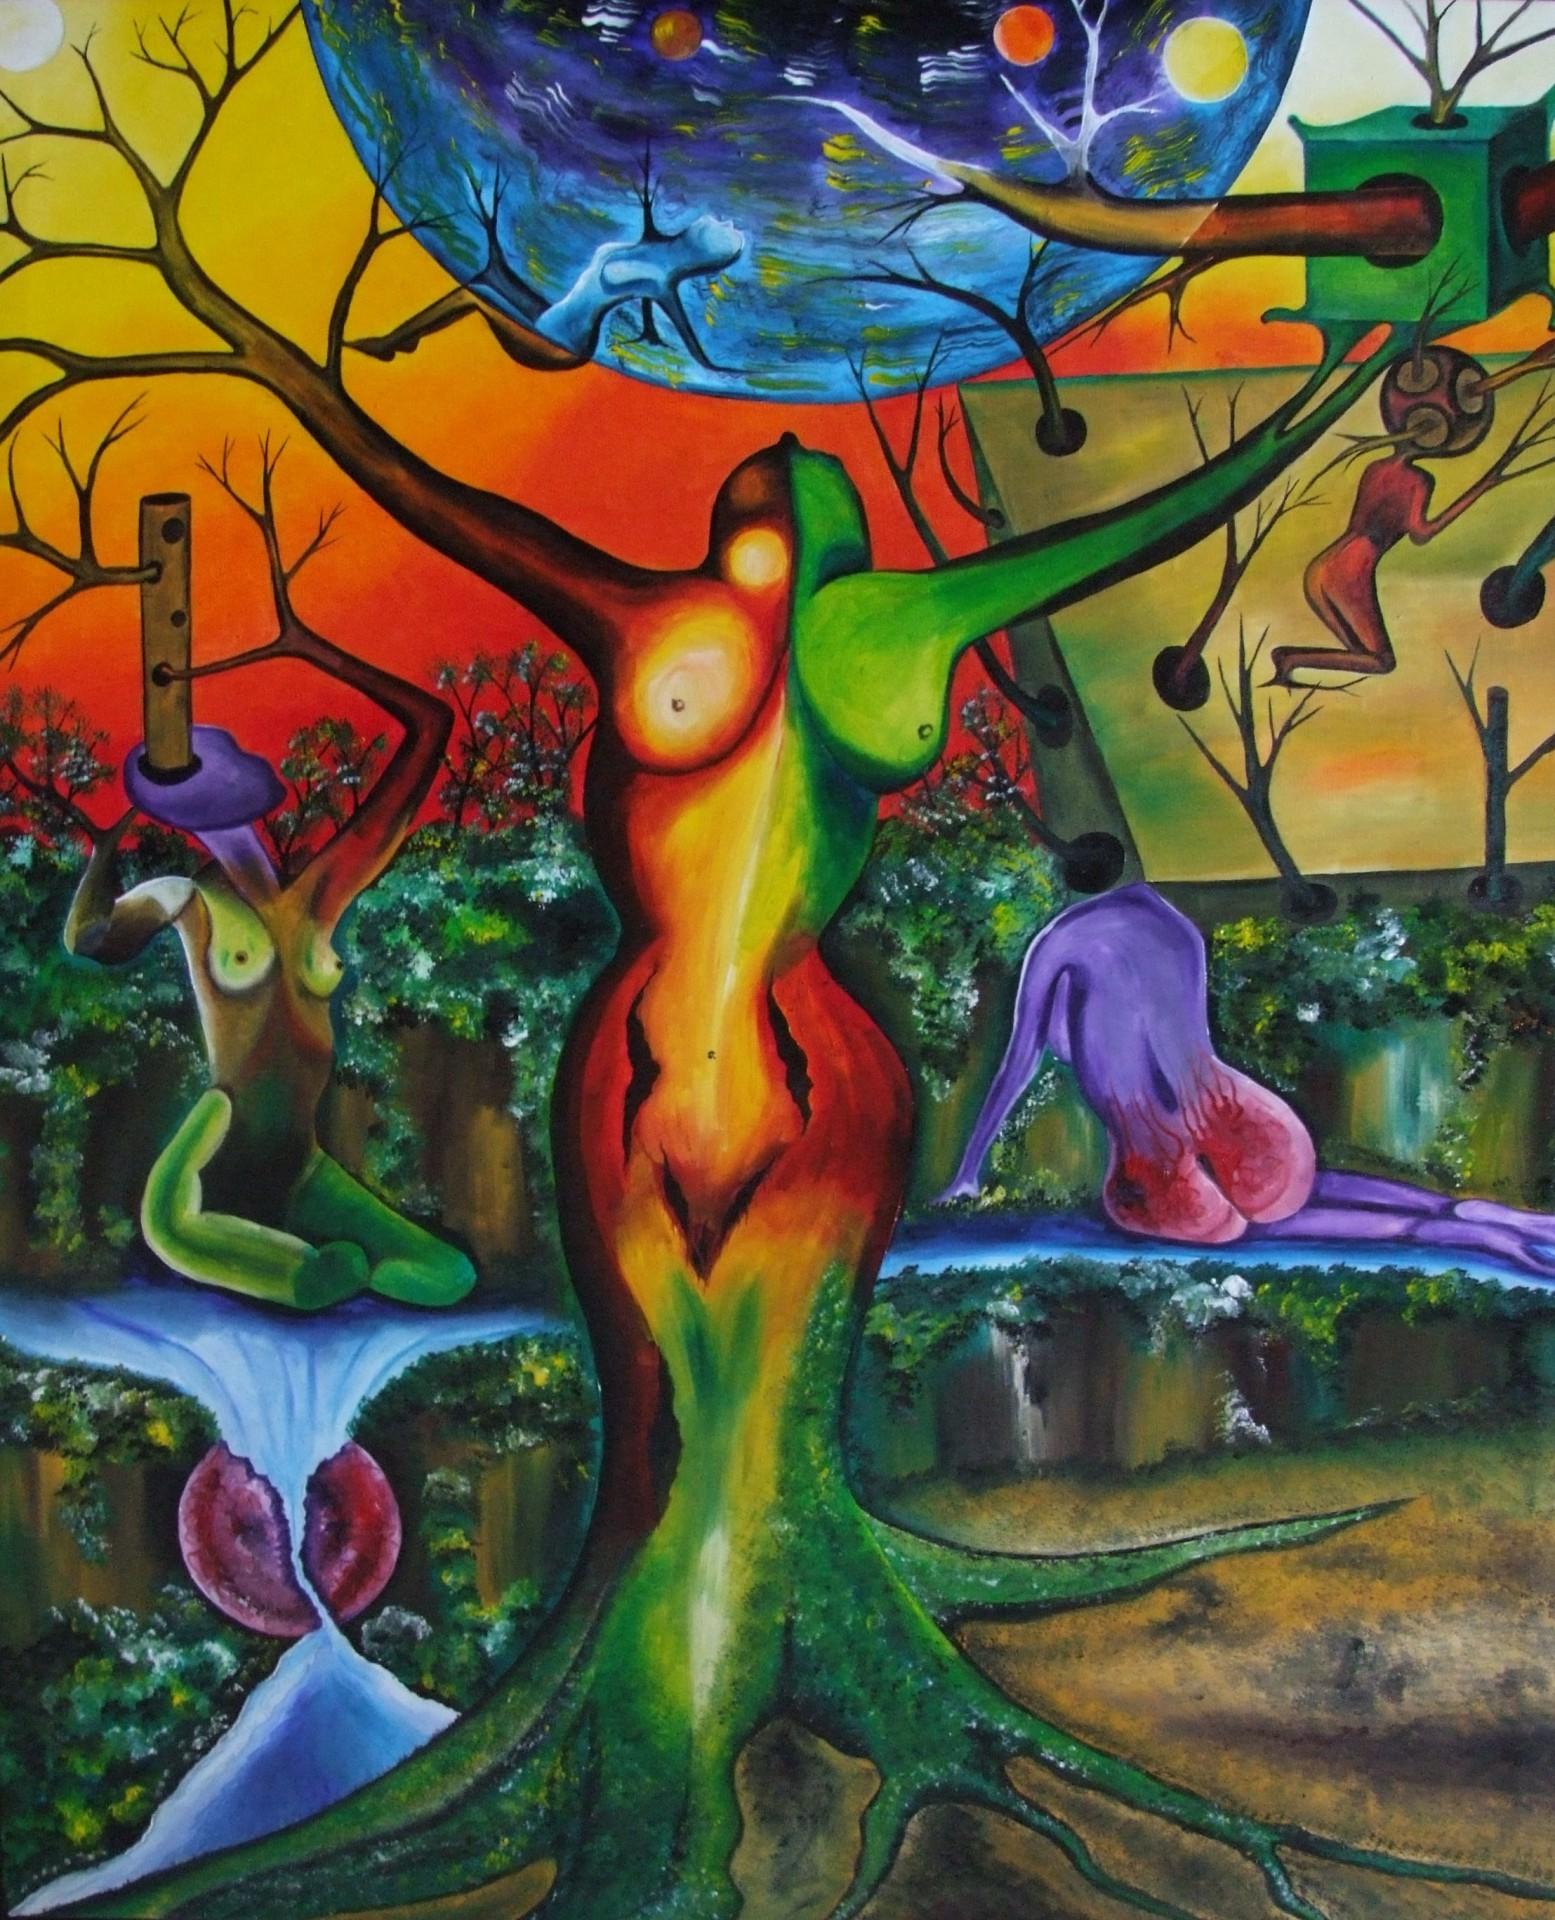 Landscape 63 x 98 cm - oil on canvas